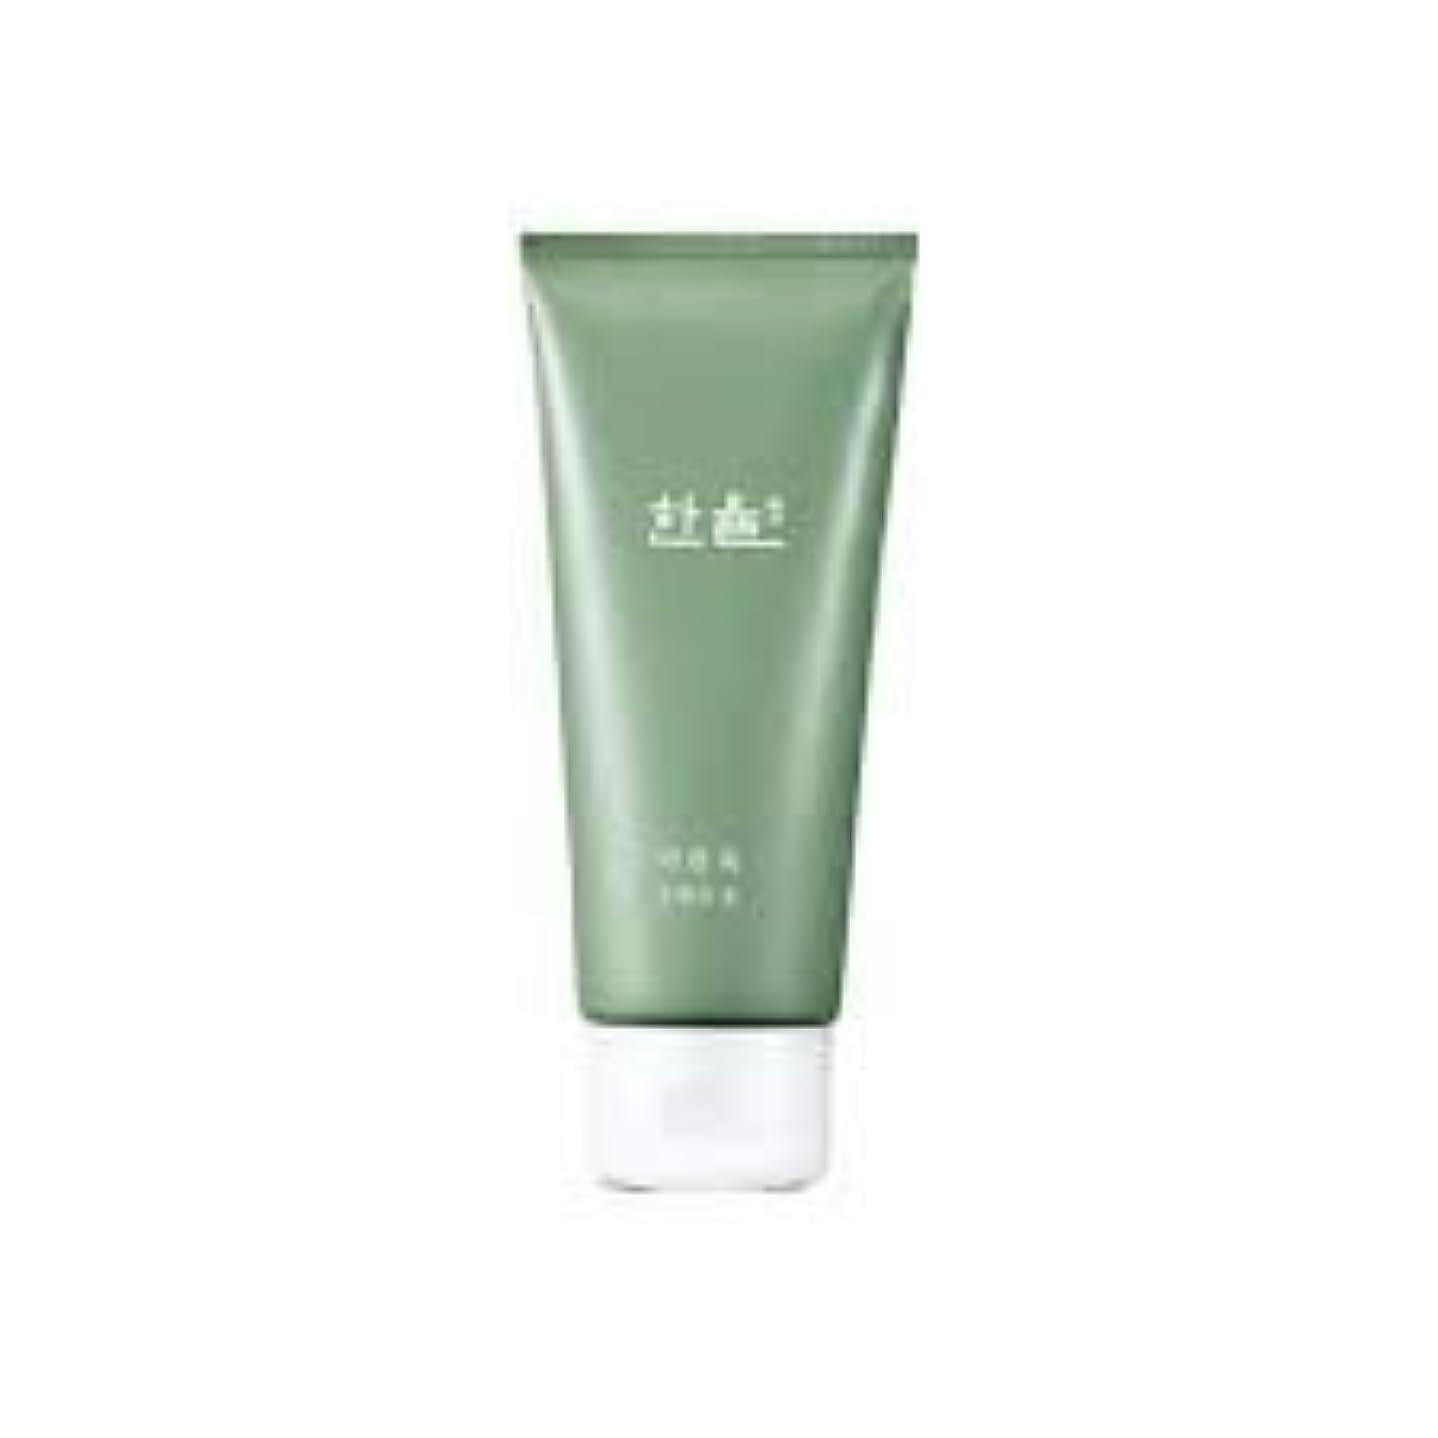 ポジティブ冗長非武装化Hanyul Pure Artemisia Cleansing Foam 6.1 Ounce [並行輸入品]